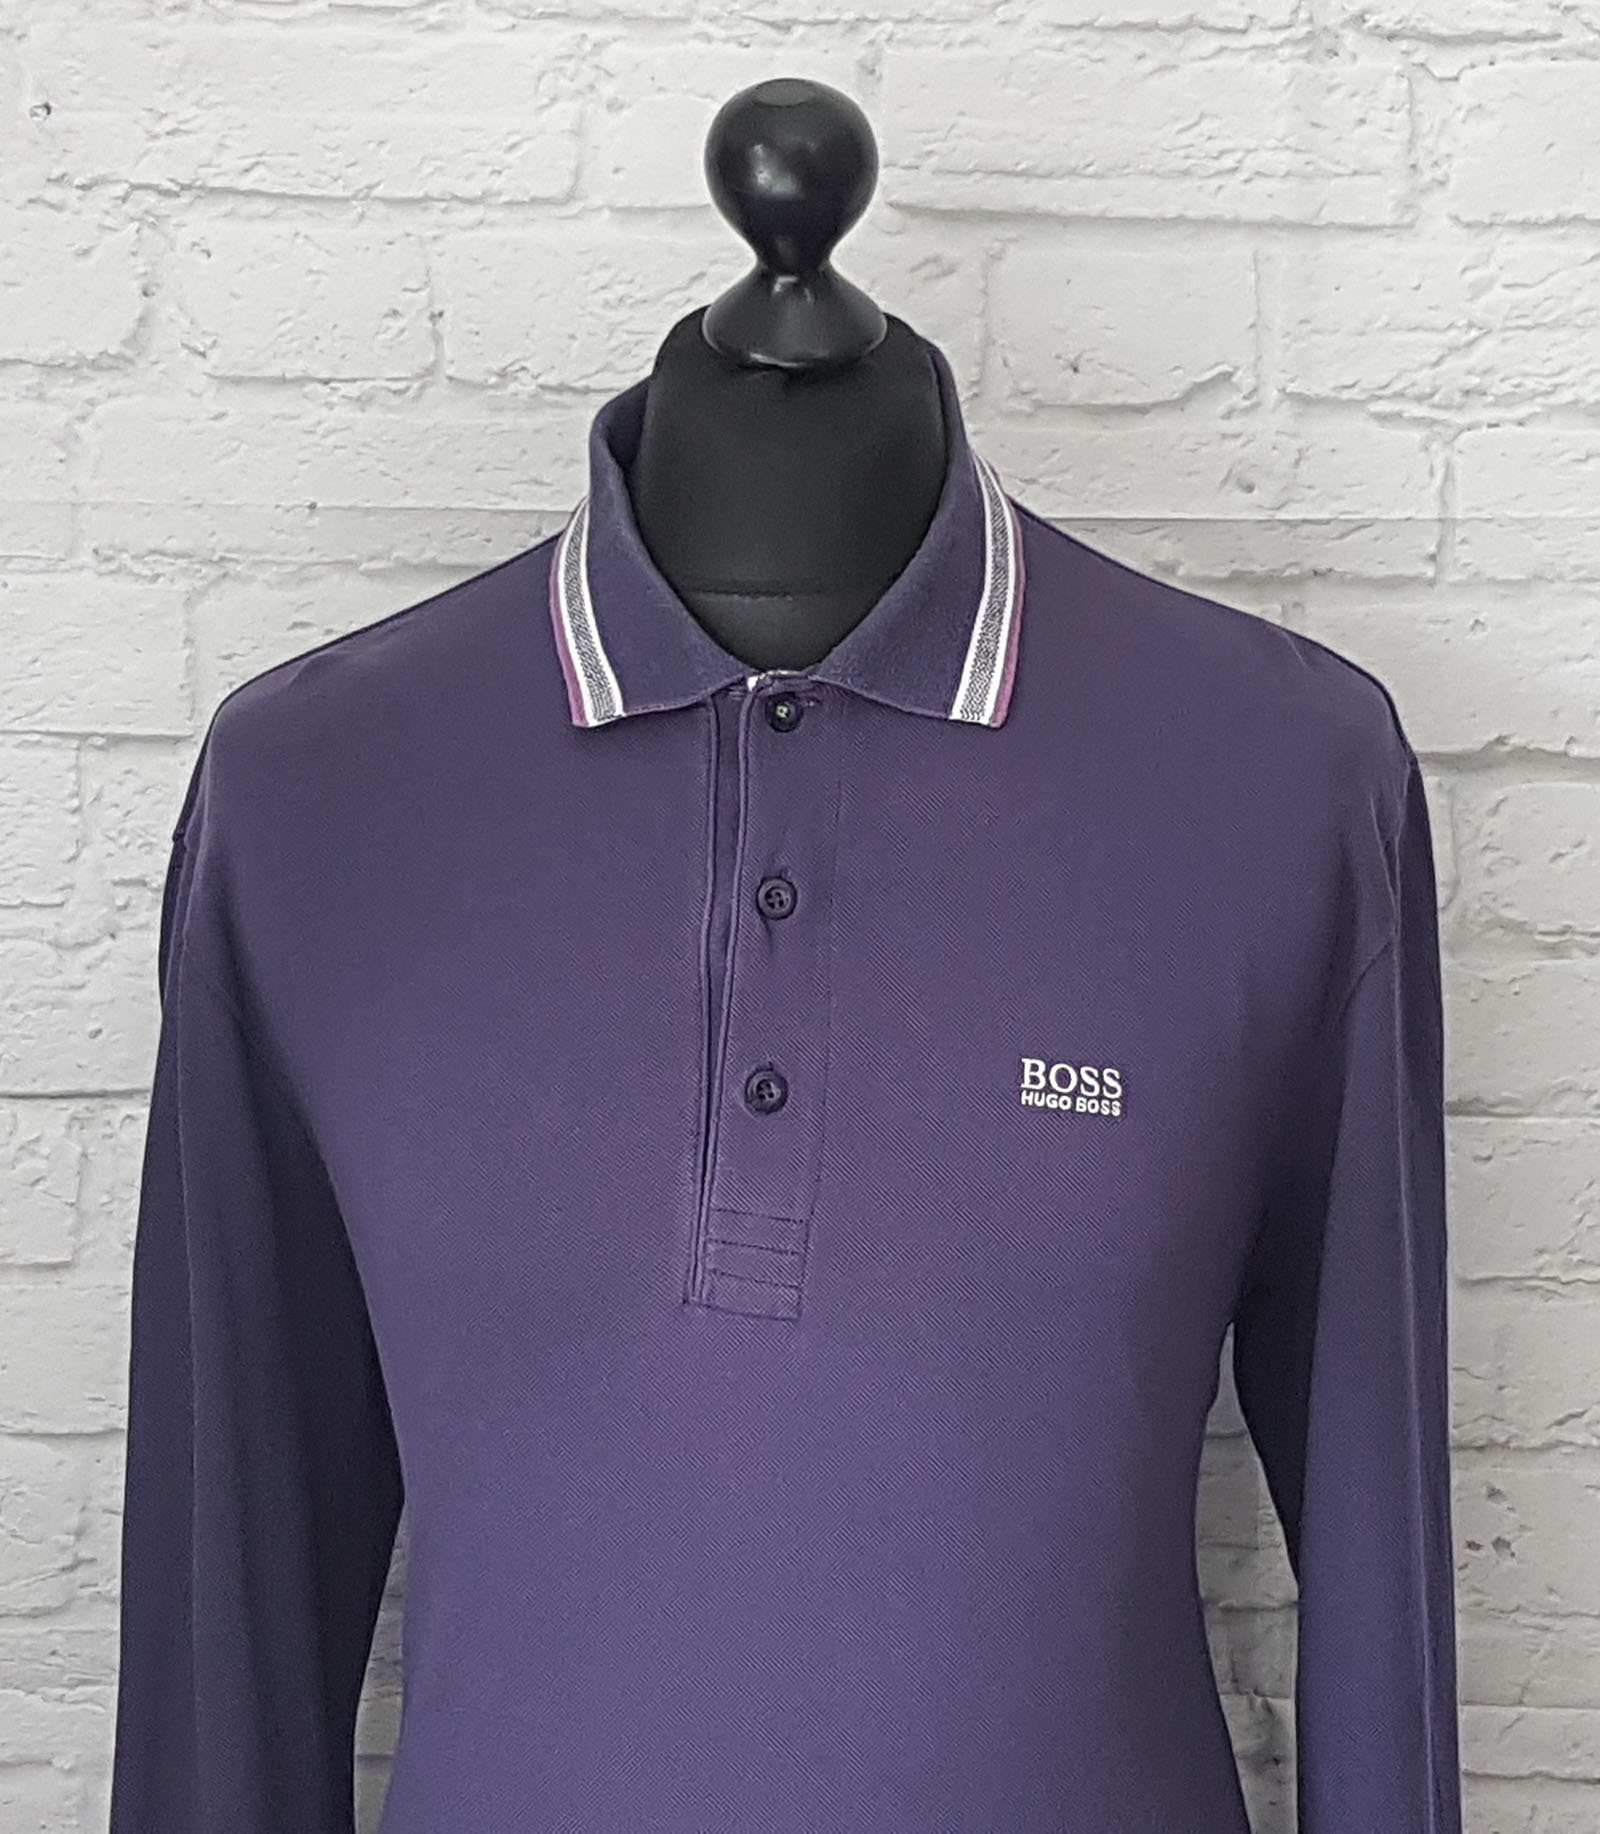 Hugo boss men 39 s green label regular fit long sleeved for Long sleeve purple polo shirt